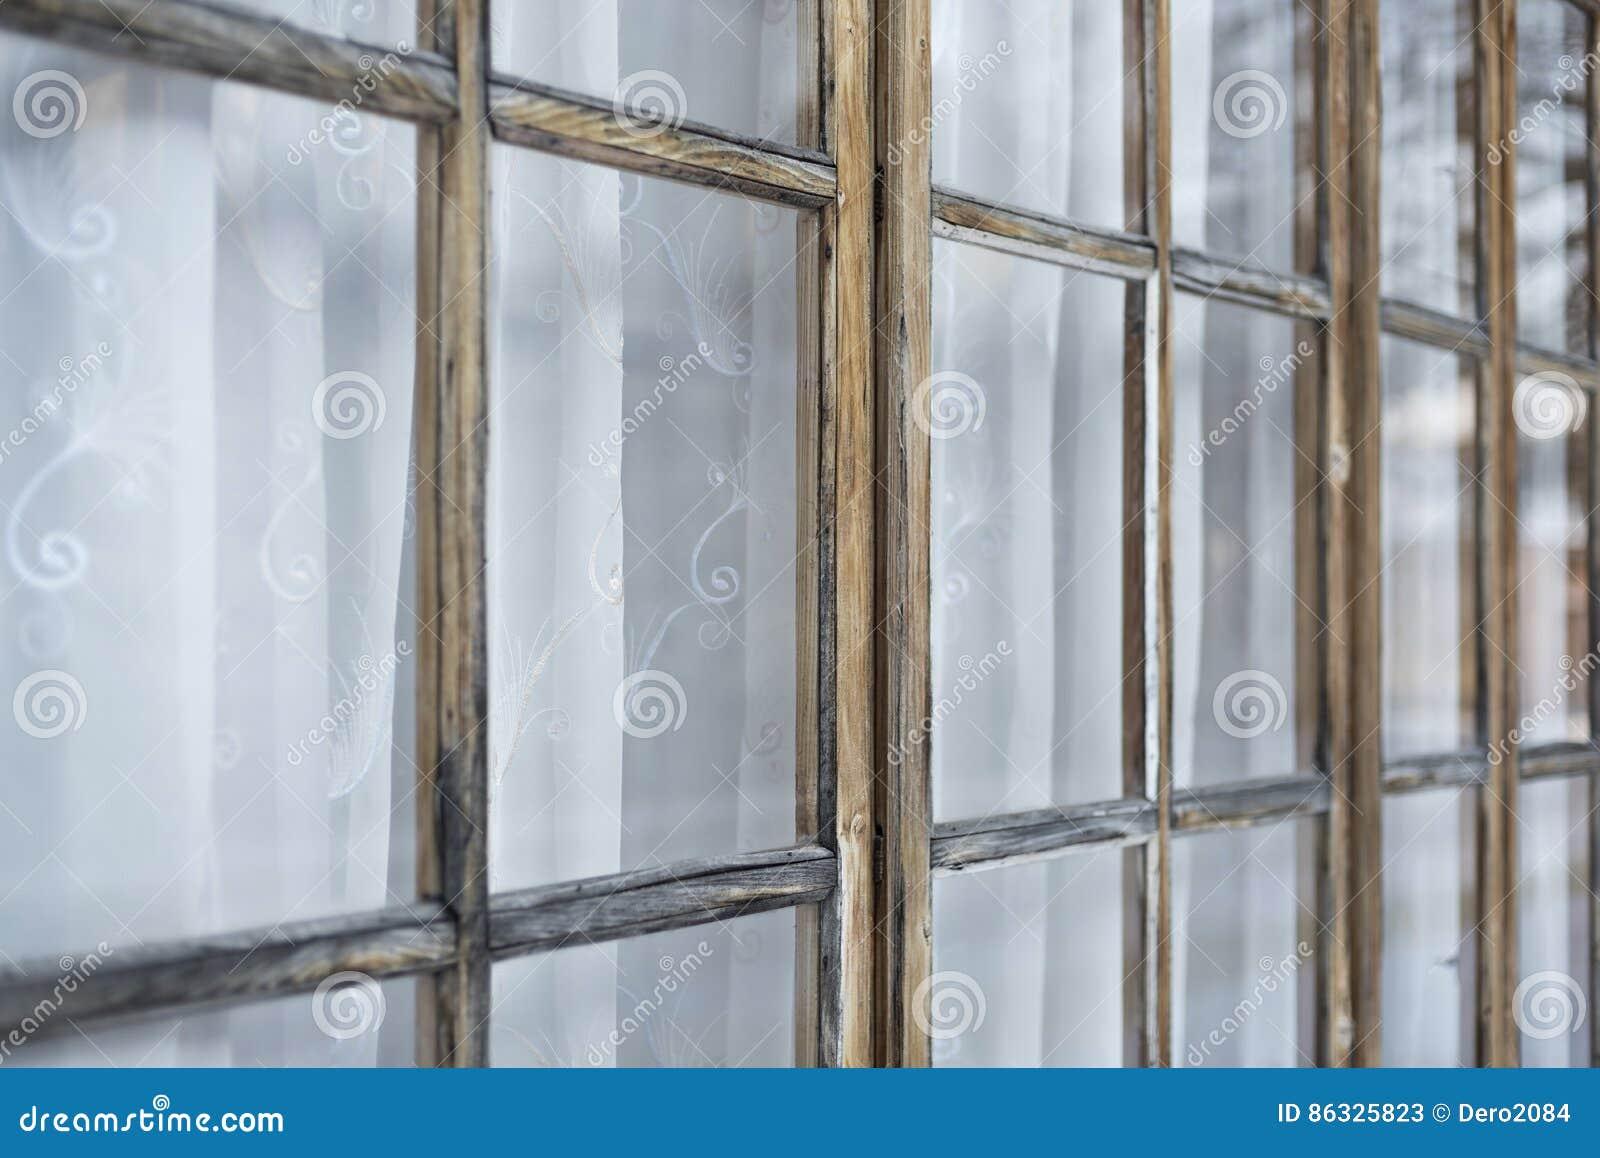 Czerep stary ganeczek z okno zamykał zasłony